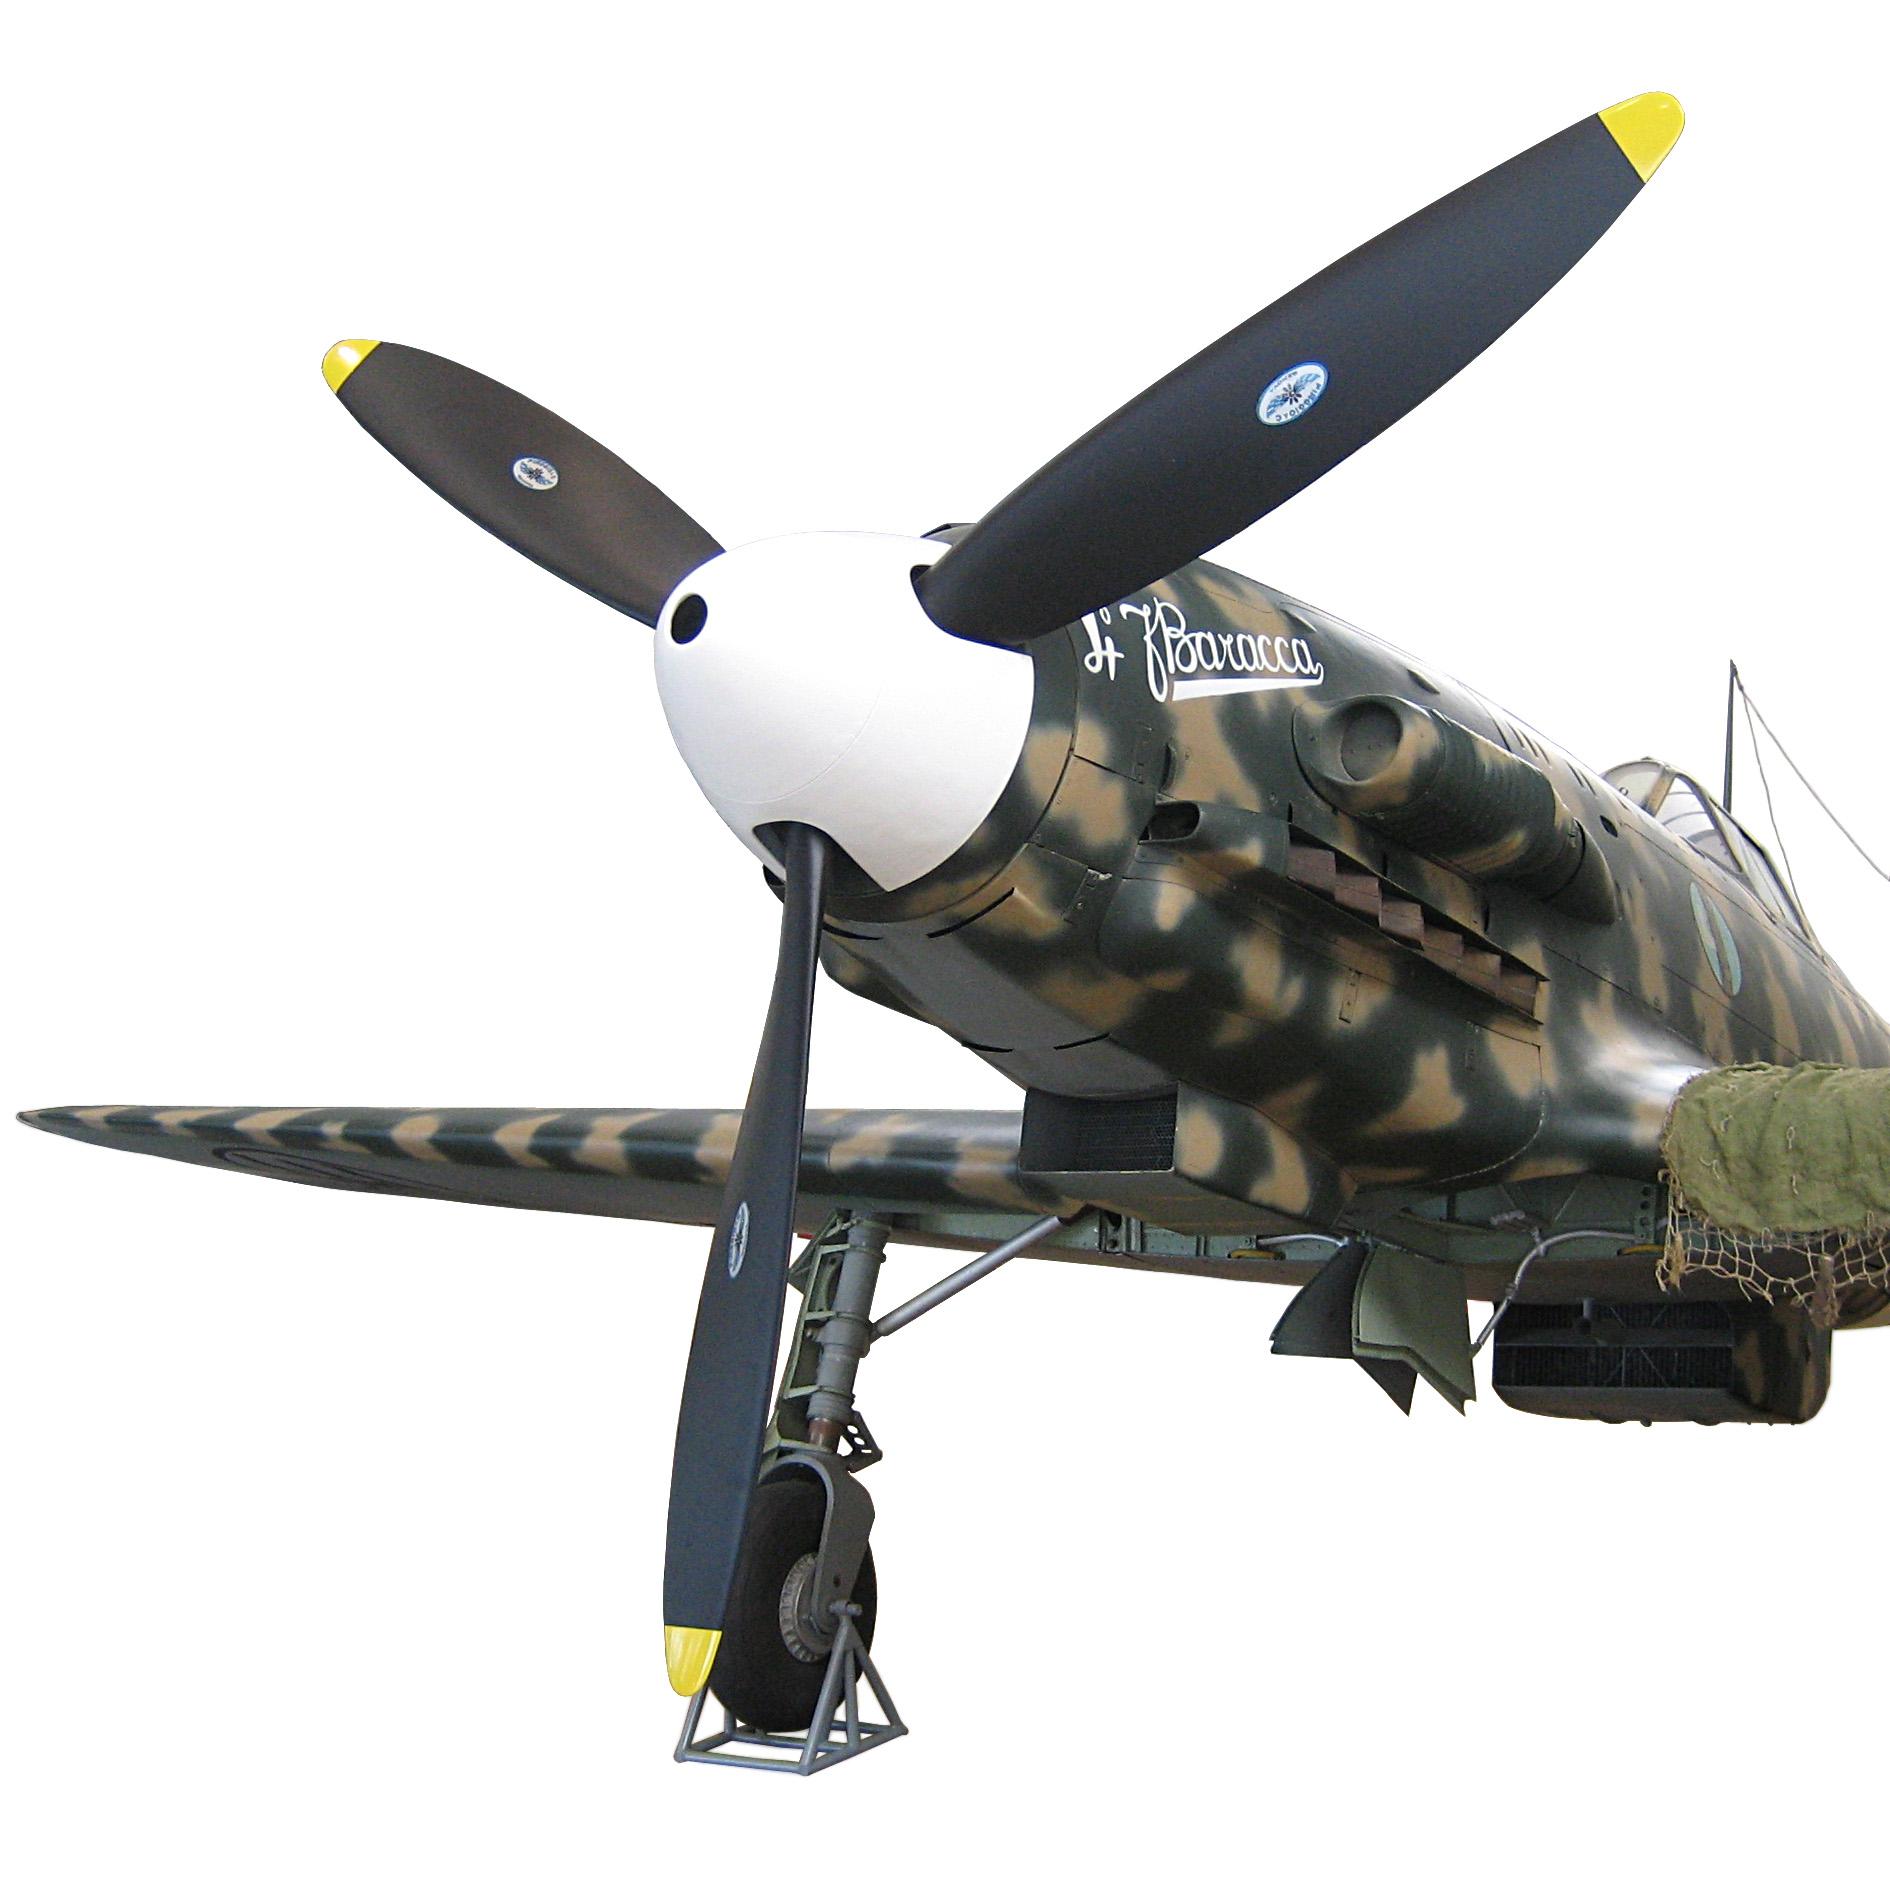 elica aereo  Elica - Wikipedia